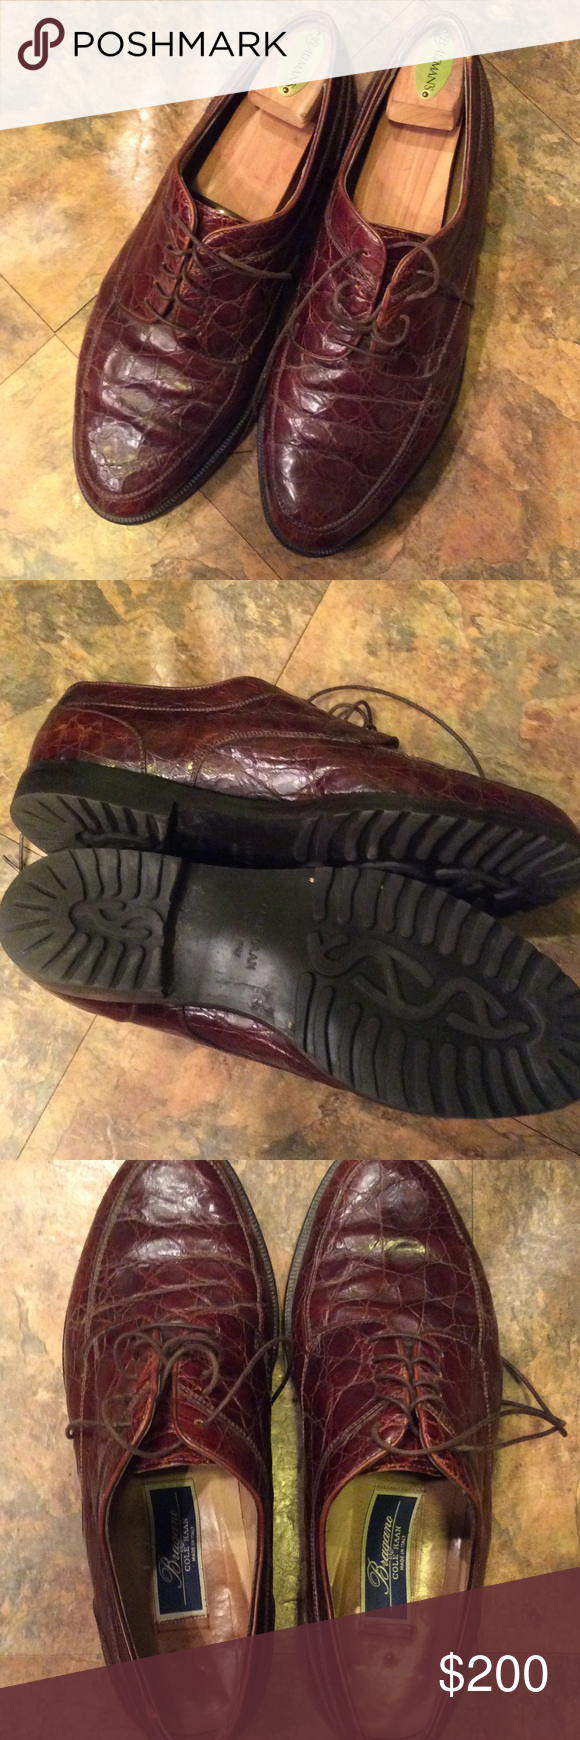 Cole Haan alligator shoes Men's size 10